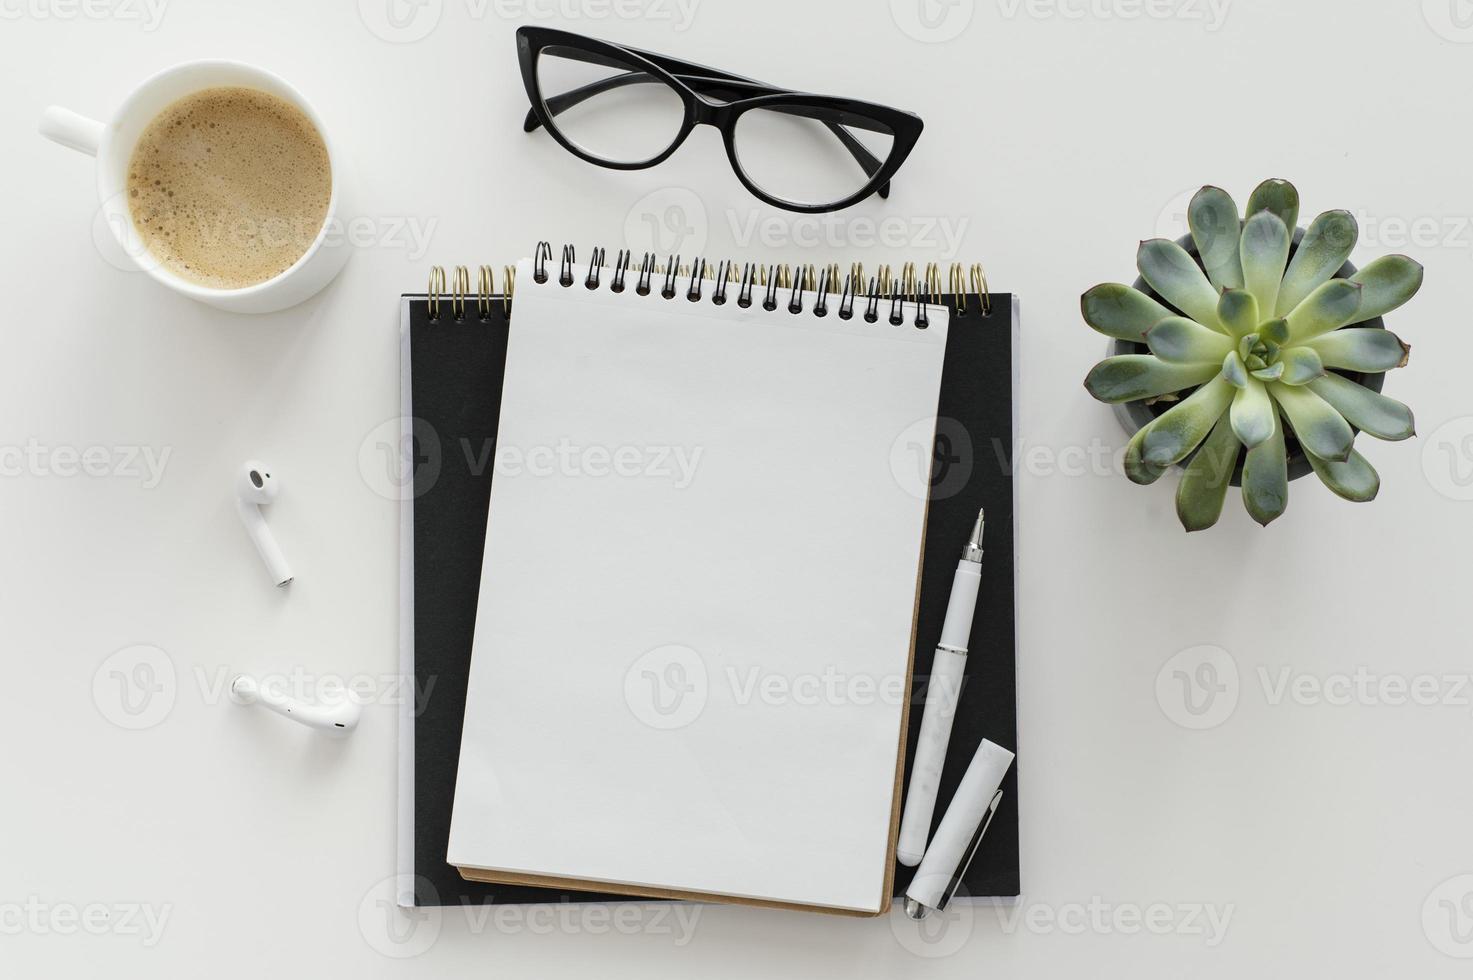 arranjo com bloco de notas vazio na mesa foto